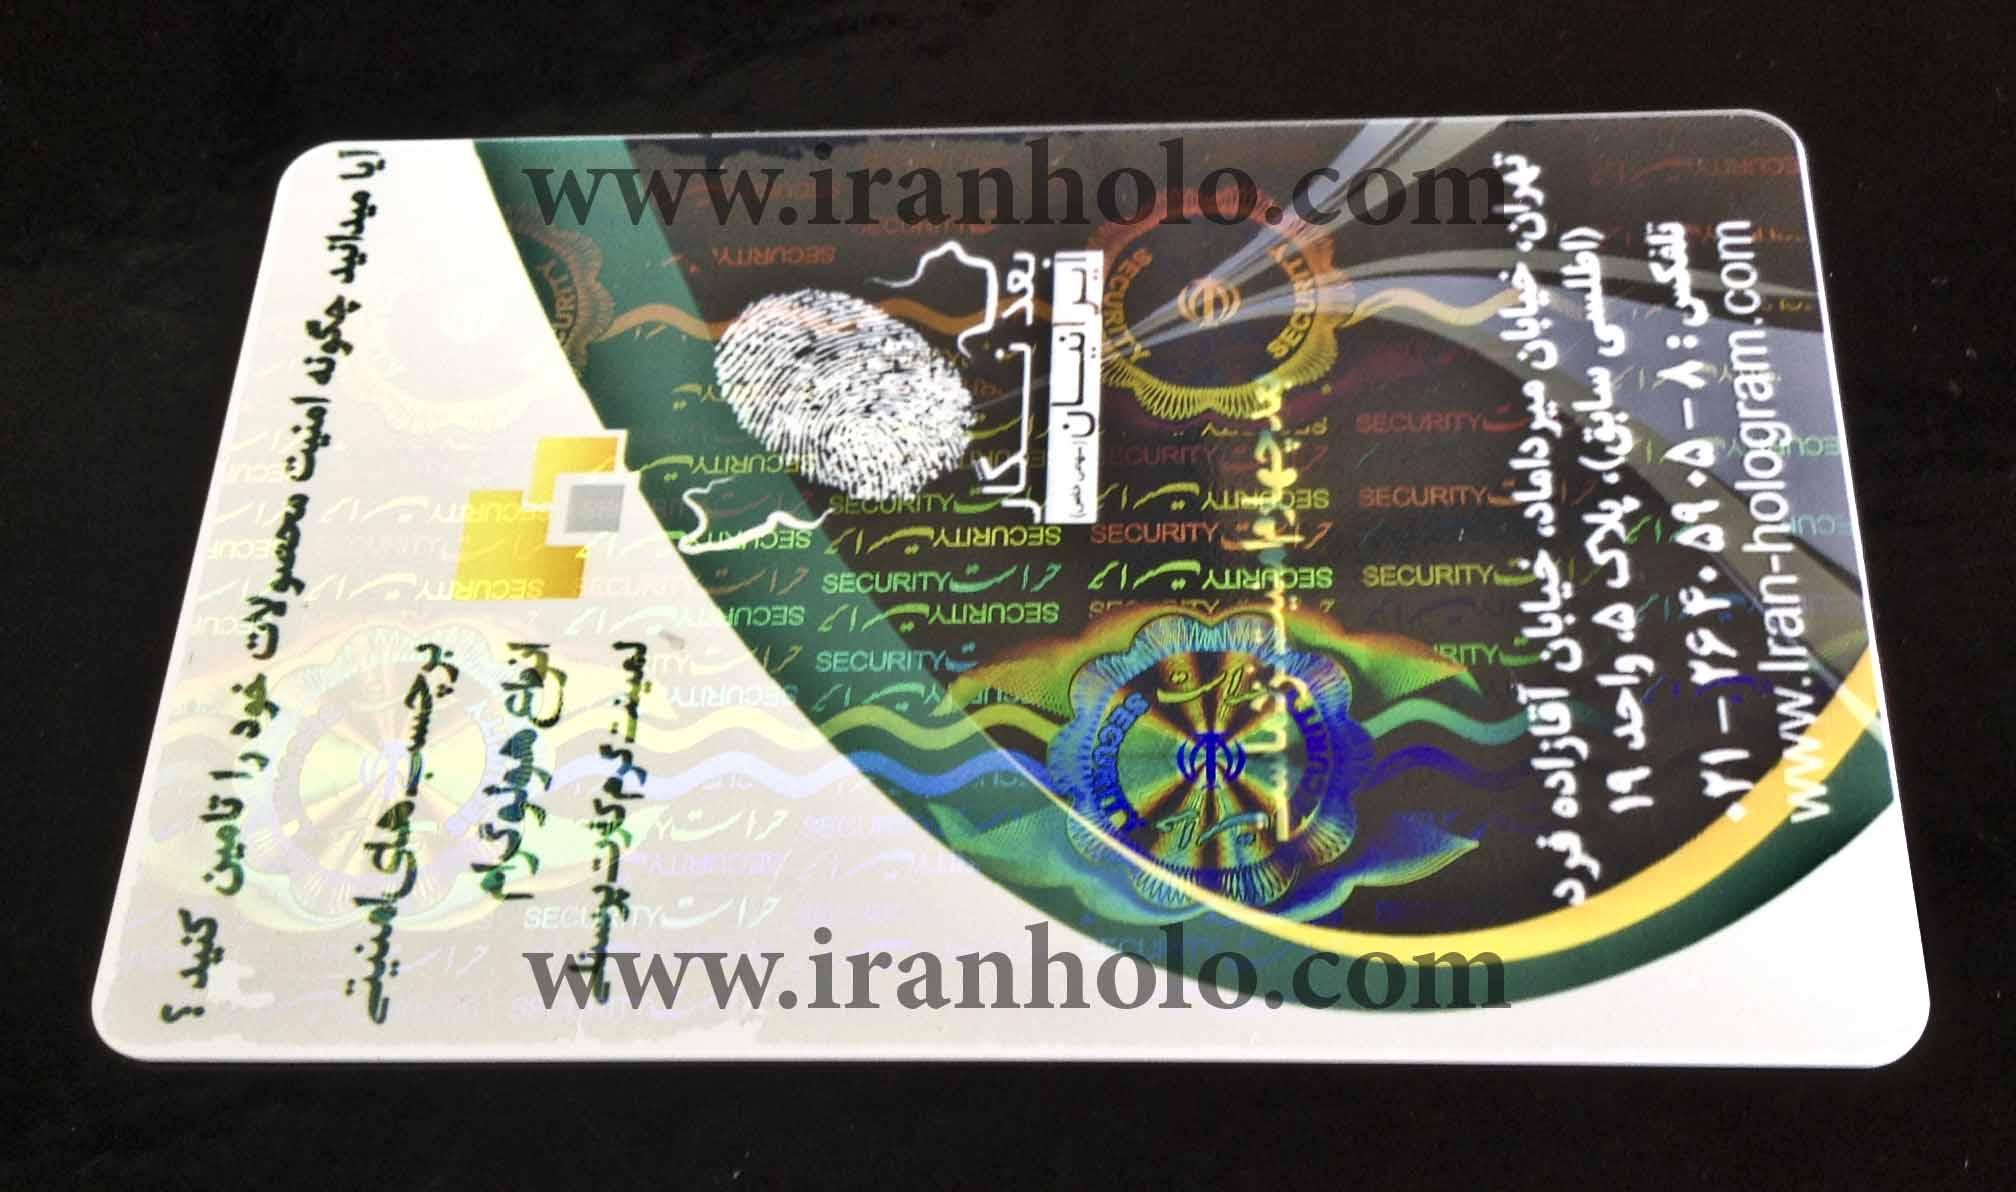 ویژگی های امنیتی کارت های شناسایی